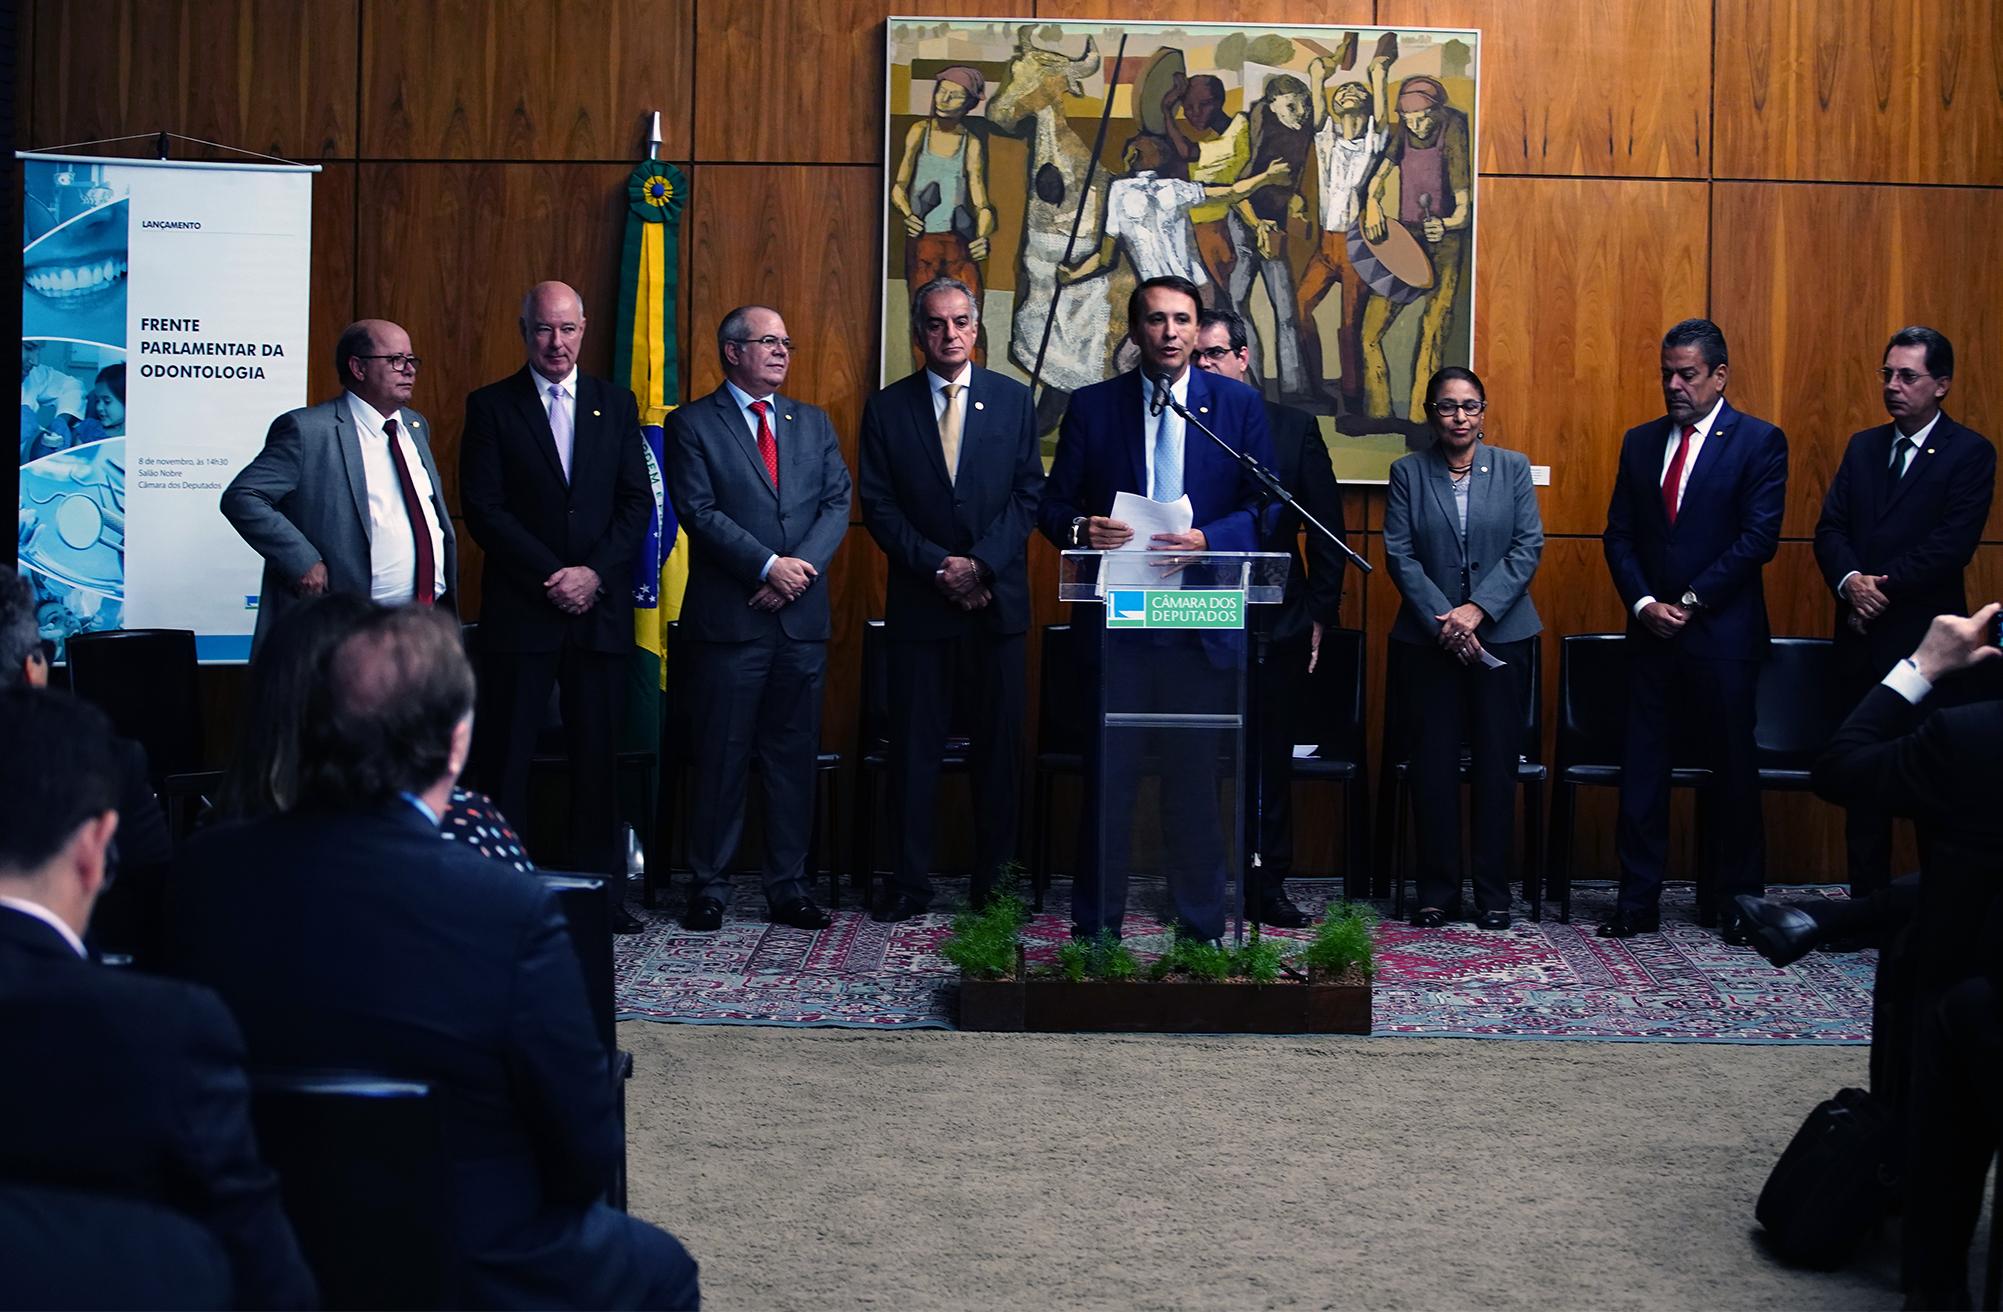 Deputados lançam Frente Parlamentar da Odontologia